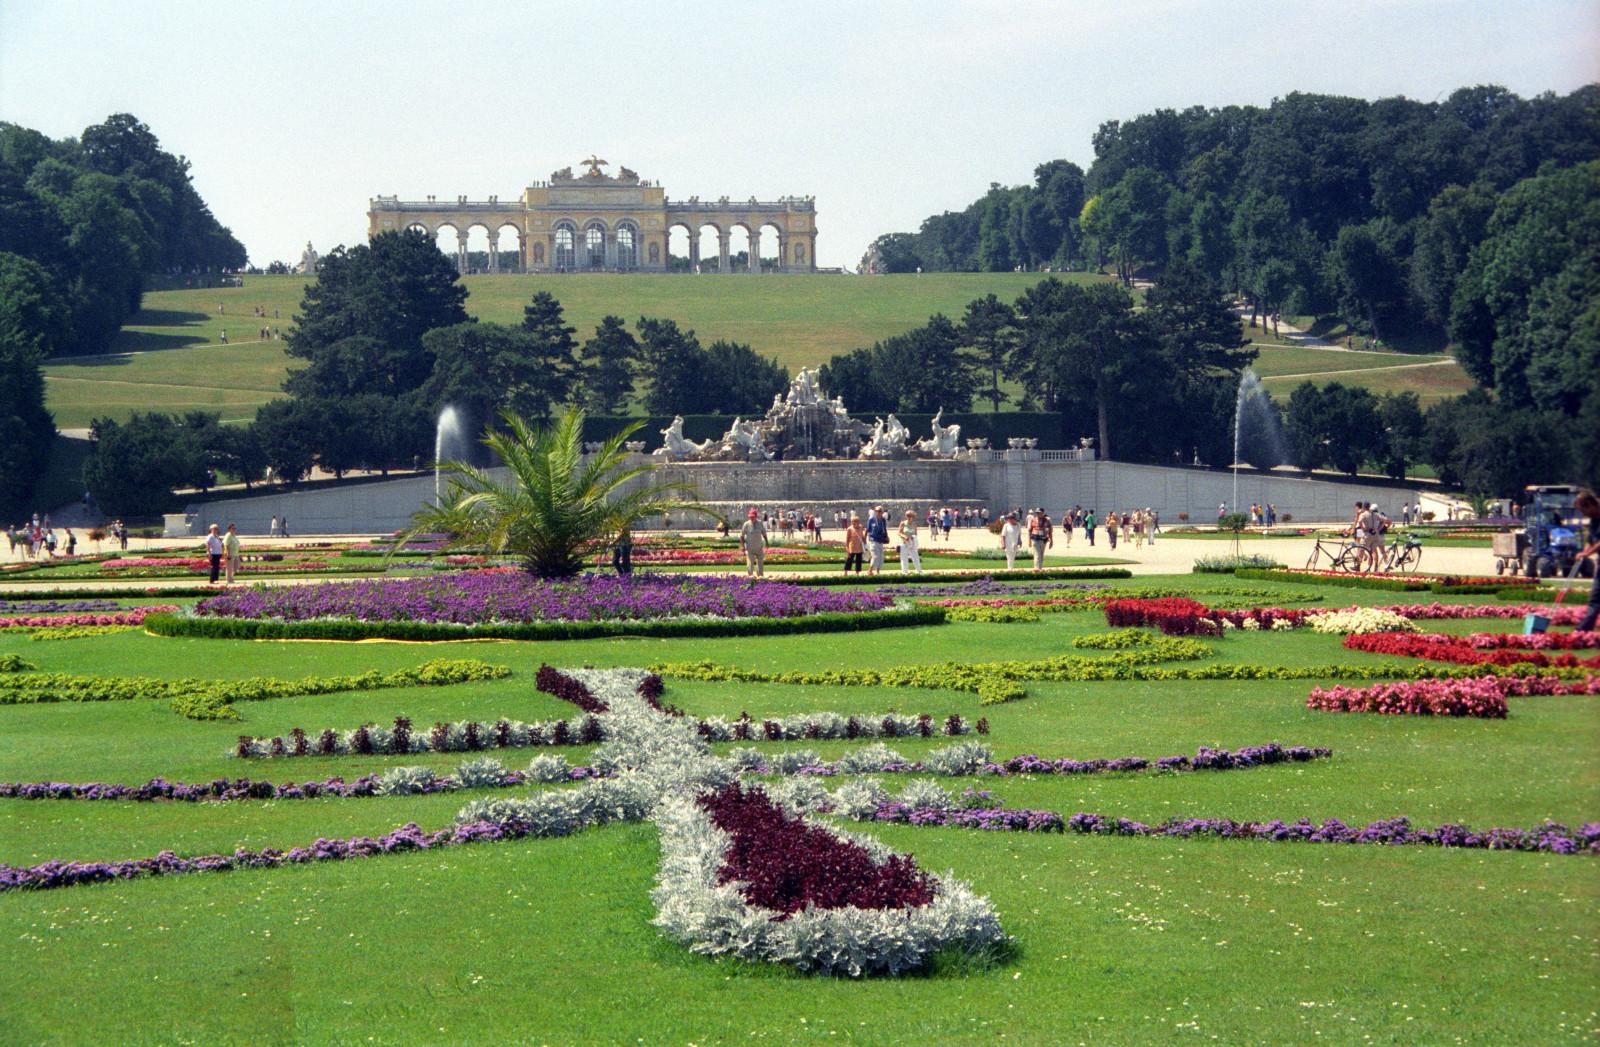 Gardens at Schonbrunn